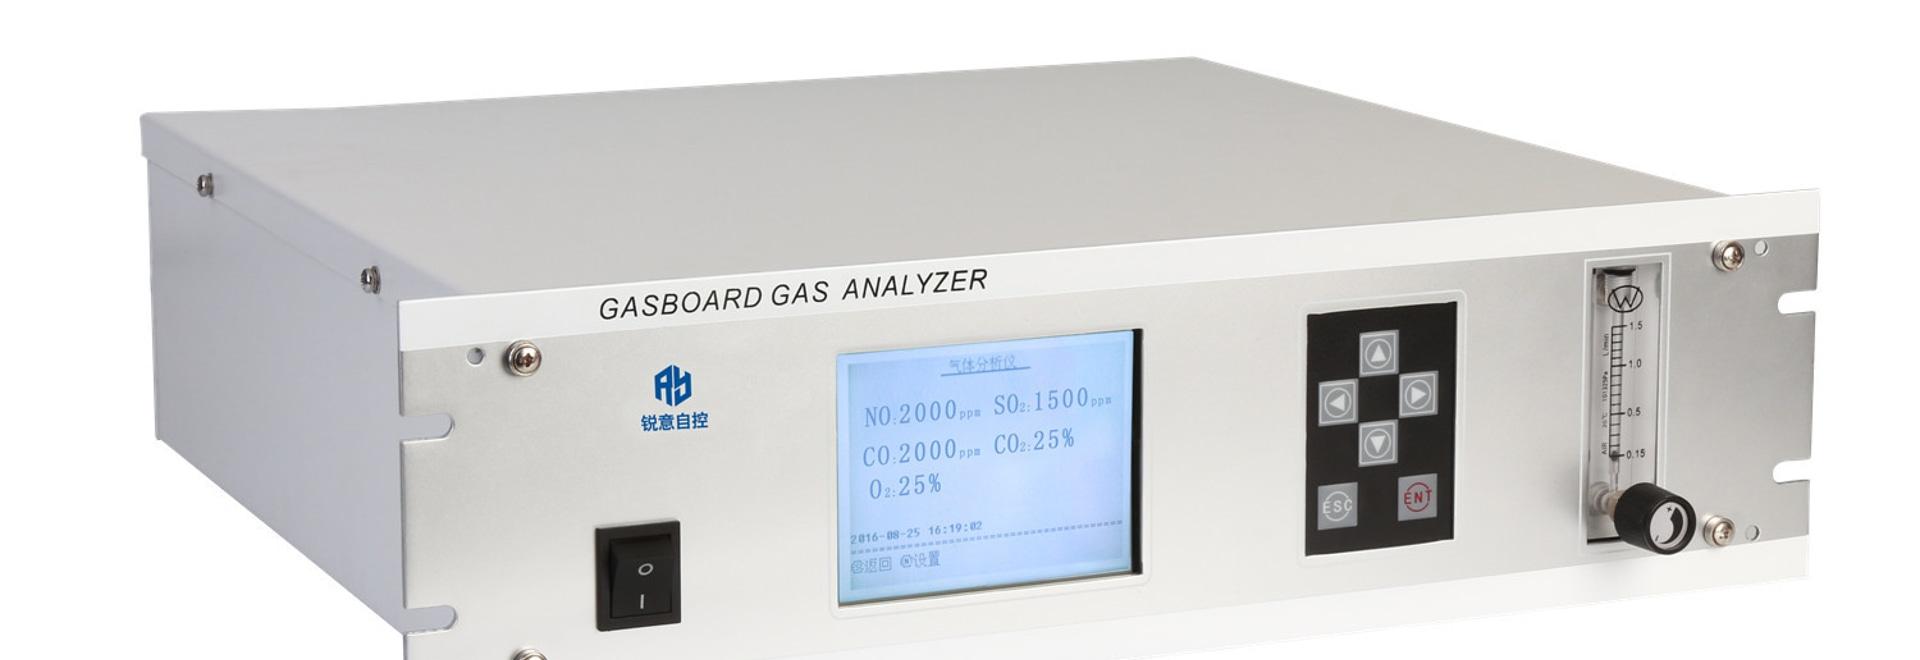 Analizador-Gasboard infrarrojo en línea del humo 3000 más